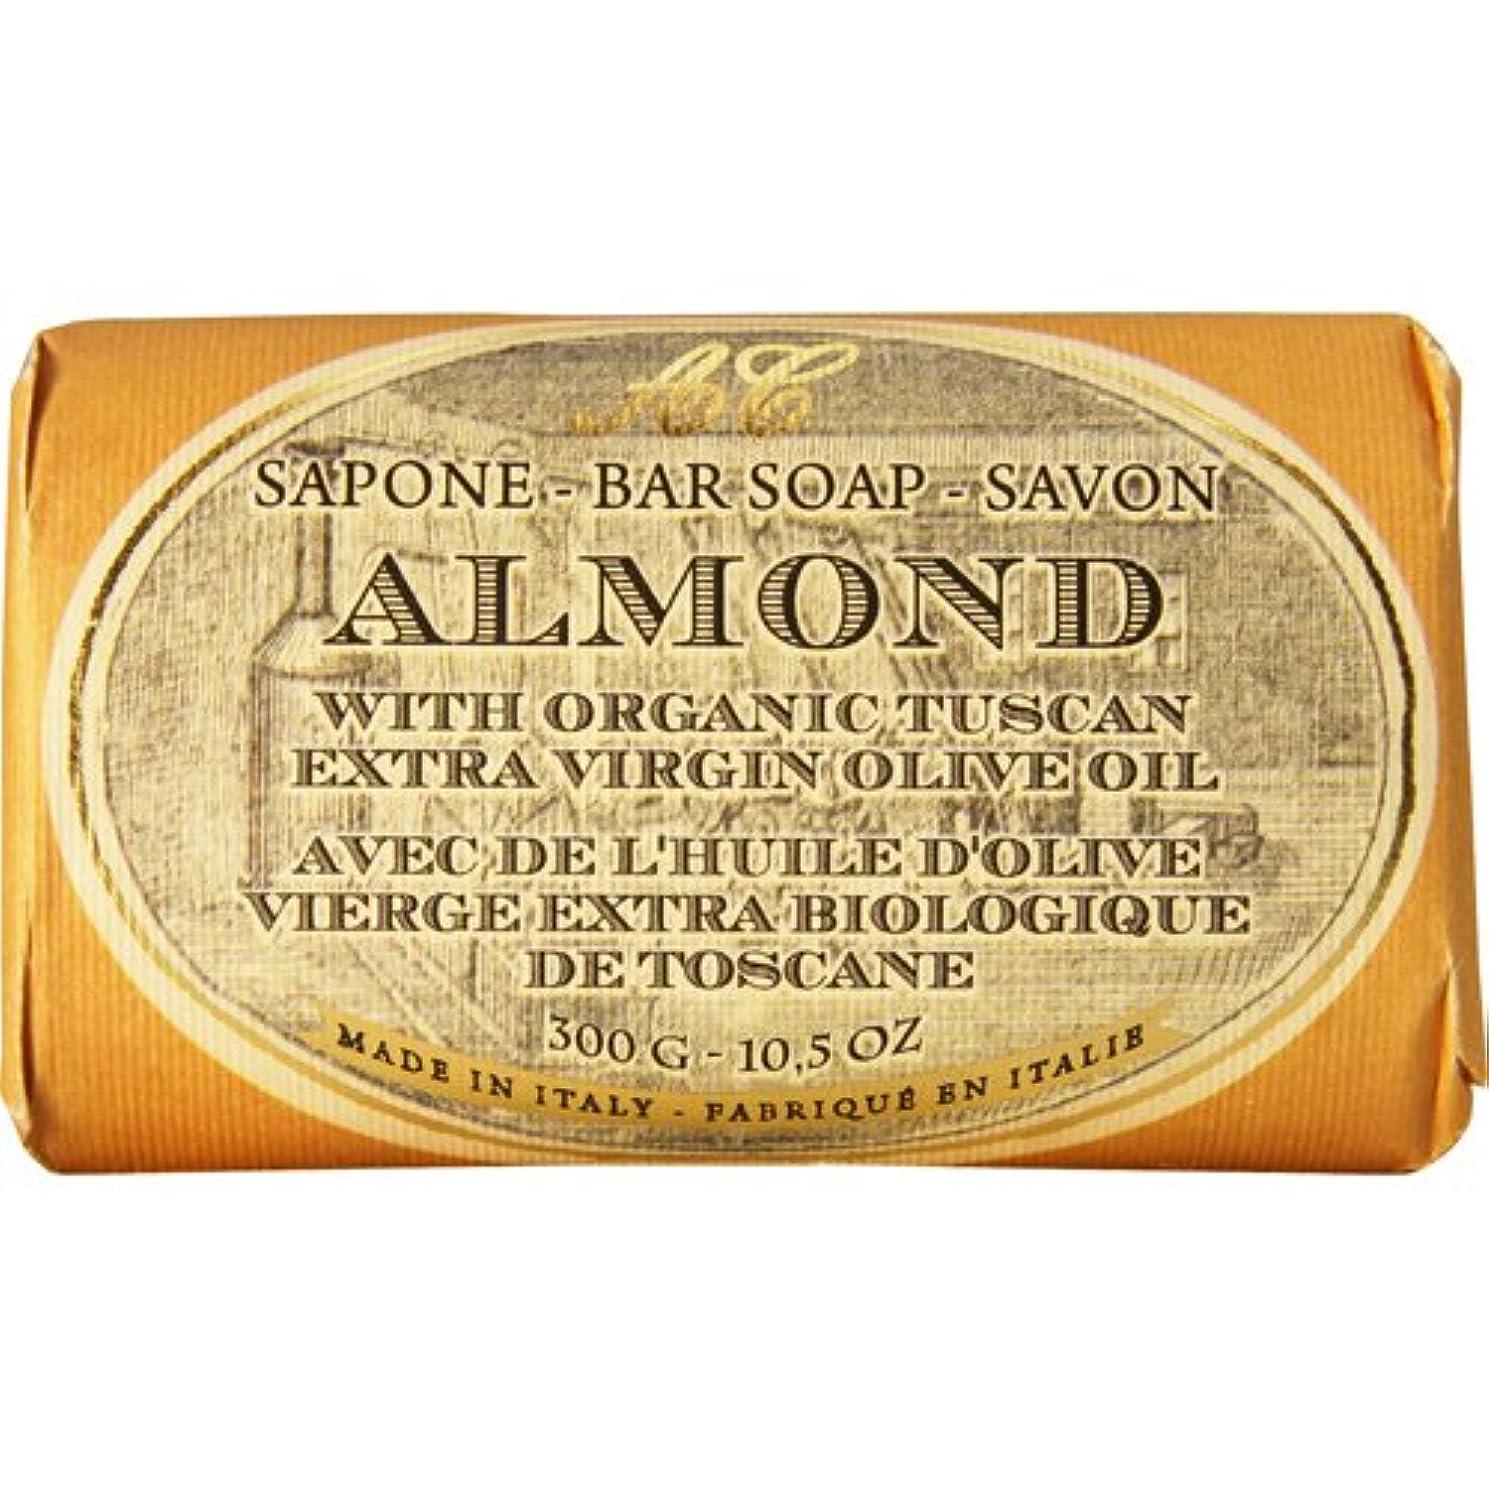 まぶしさ拾う負担Saponerire Fissi レトロシリーズ Bar Soap バーソープ 300g Almond アーモンドオイル